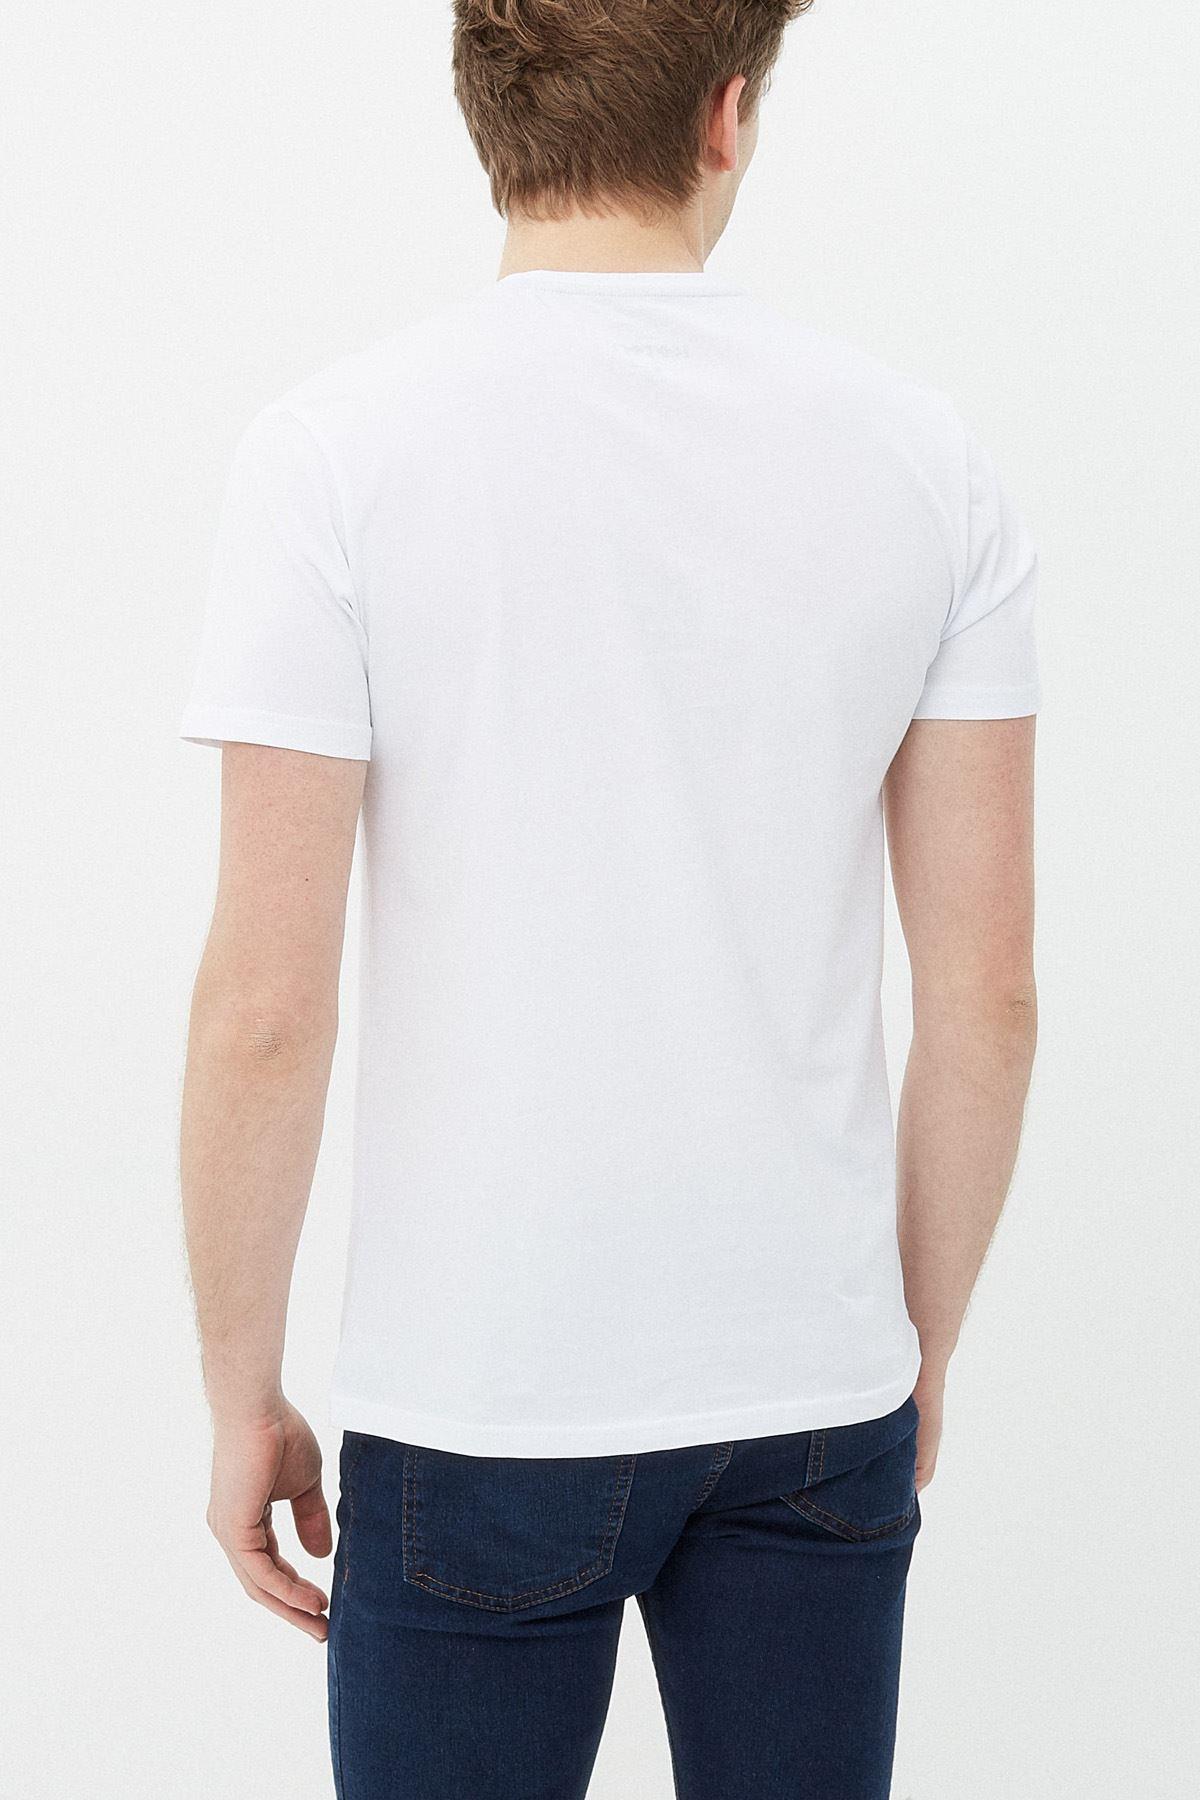 Anime Bebop 02 Beyaz Erkek Tshirt - Tişört